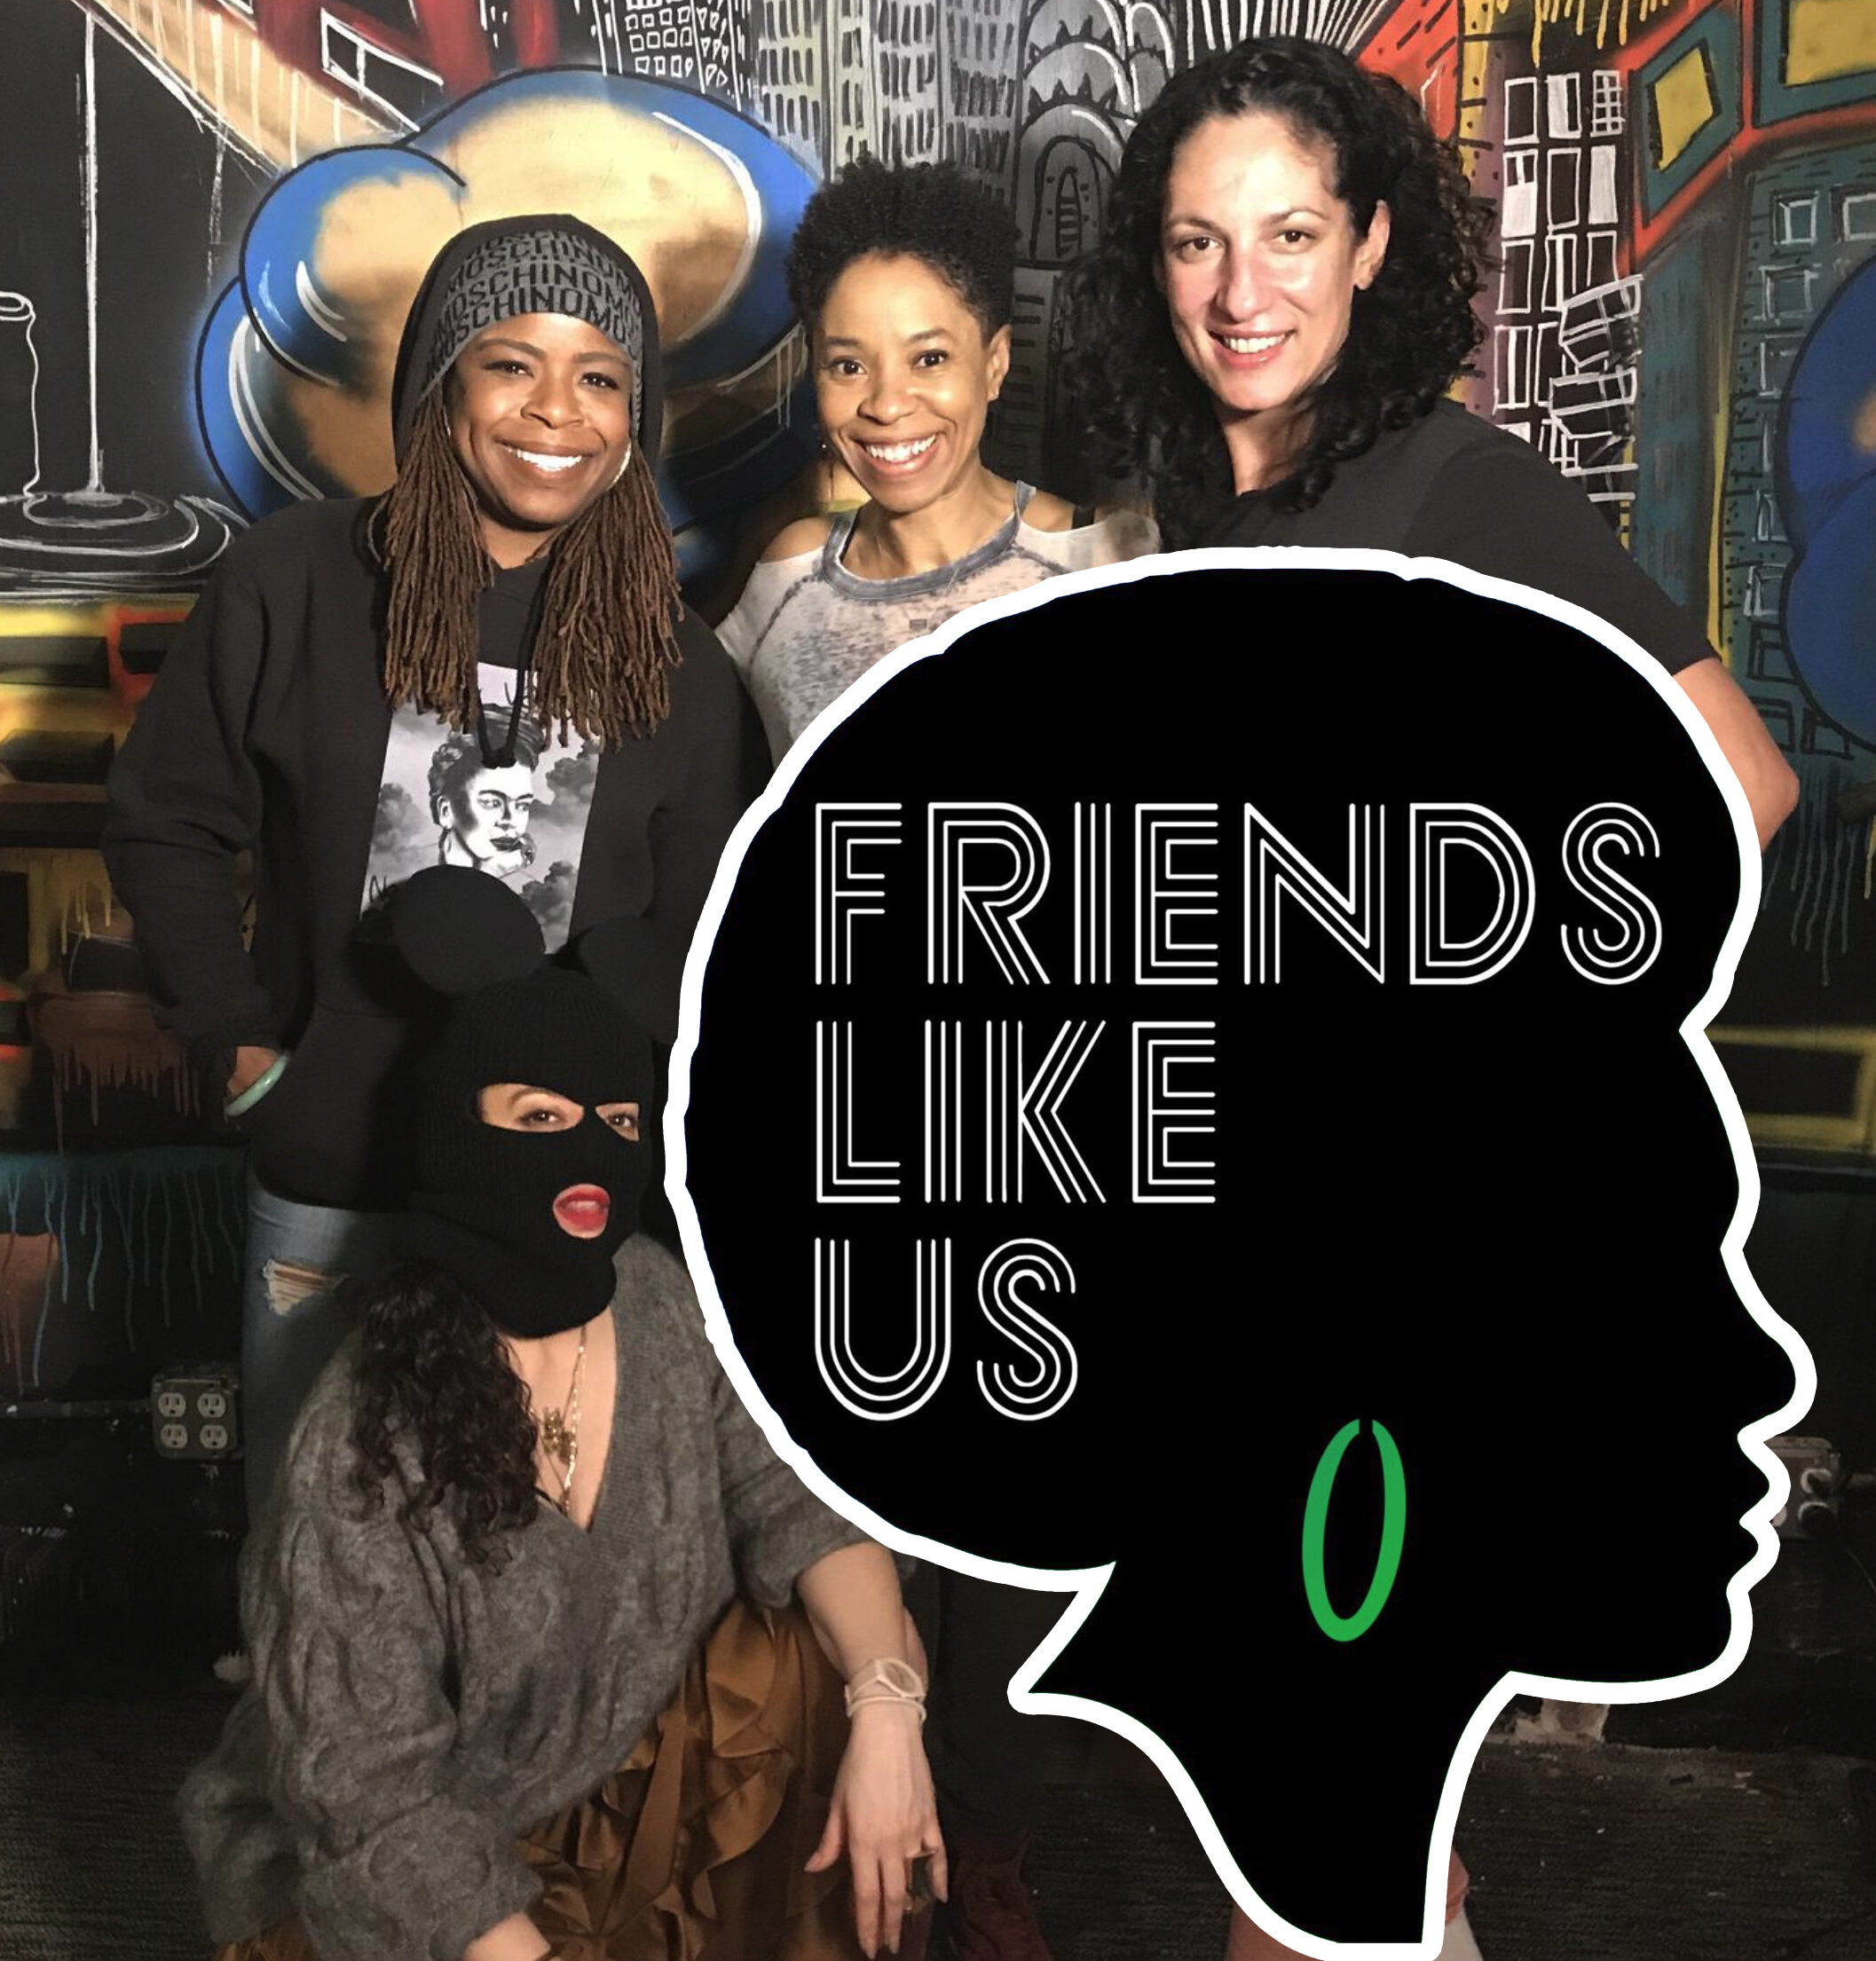 FriendsLikeUs- Humble Vandals and Pretty Politicians